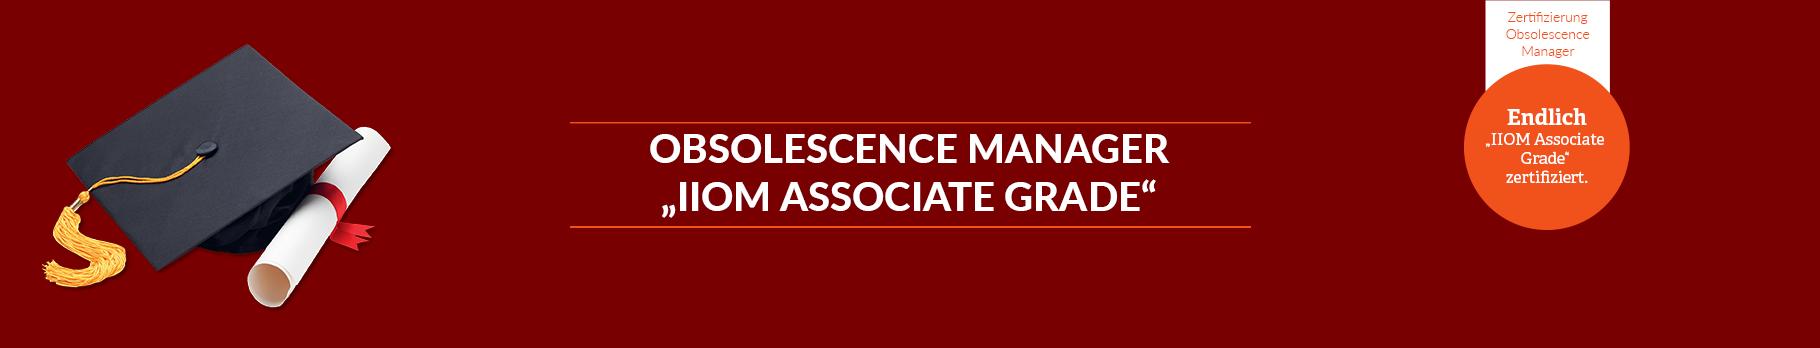 IIOM Zertifizierung Obsoleszenz Manager